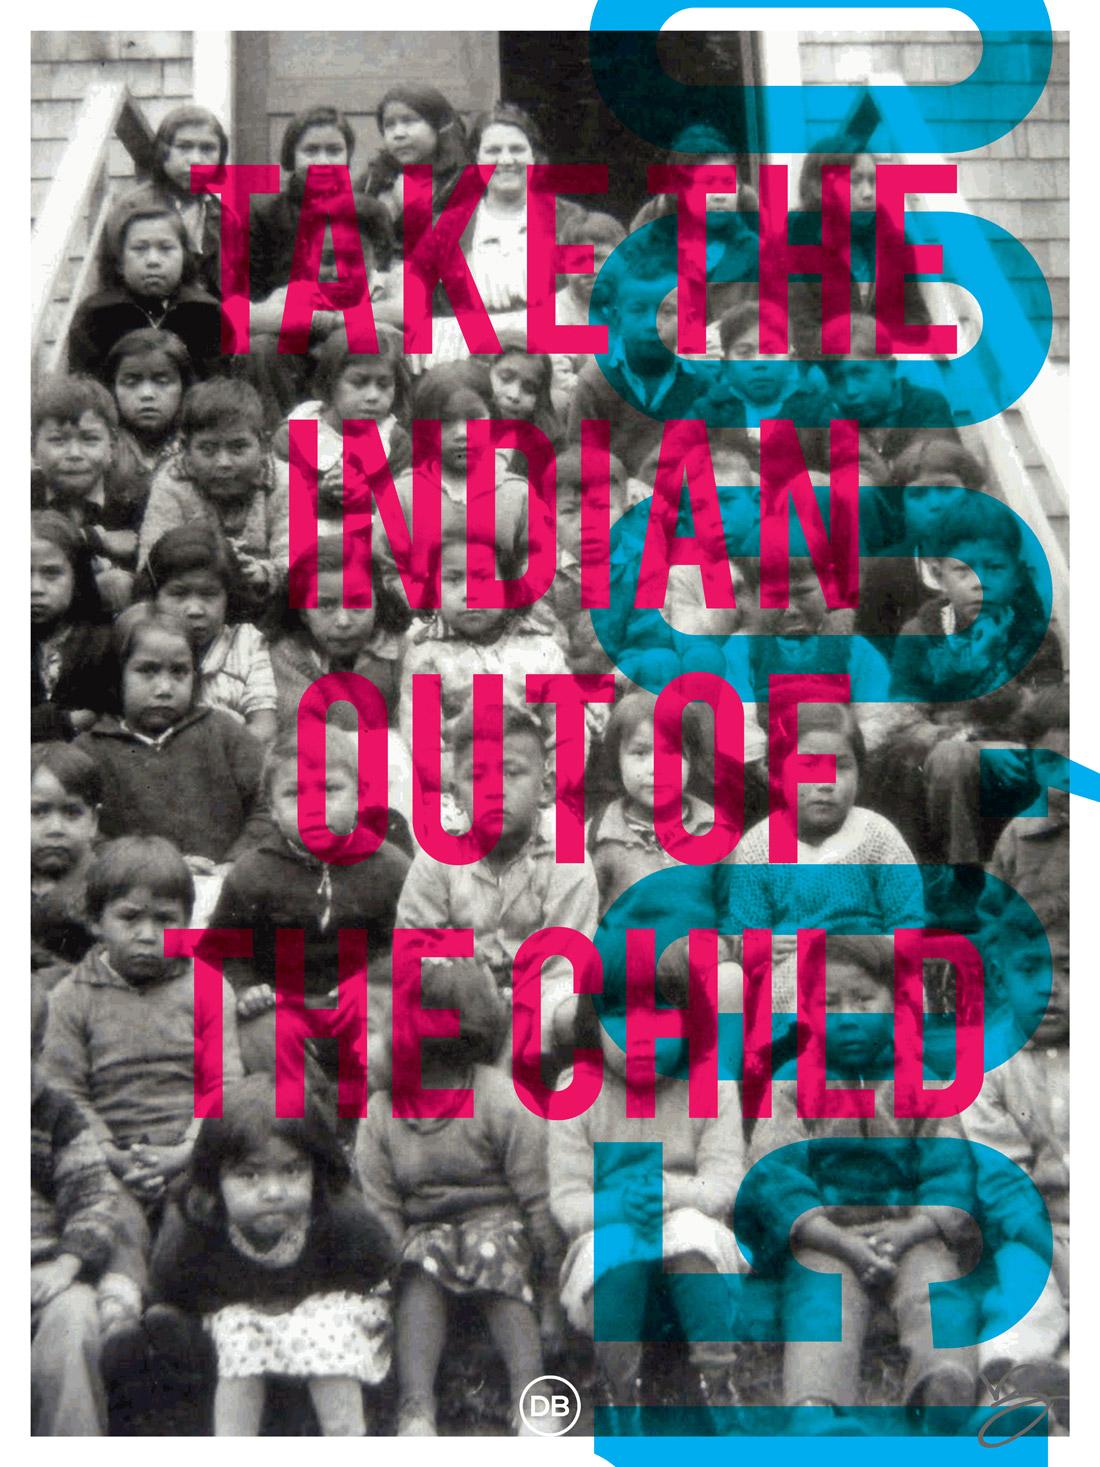 David Bernie Residential Exposure Boarding Schools Indian Country 52 Week 30